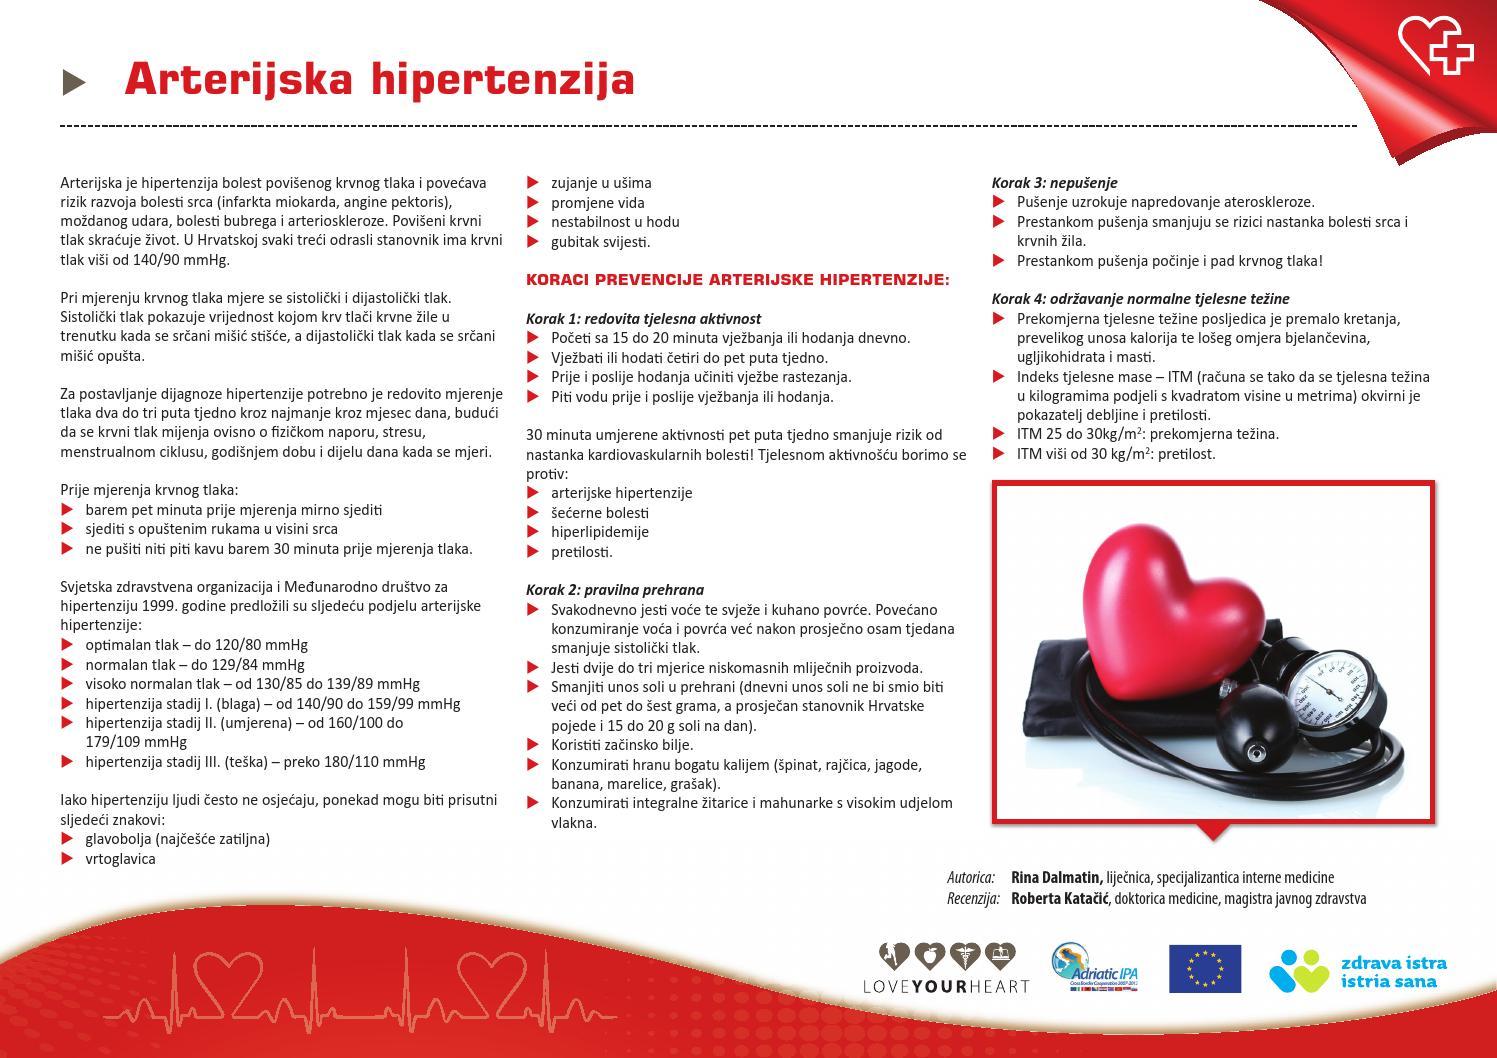 proizvoda u hipertenzije